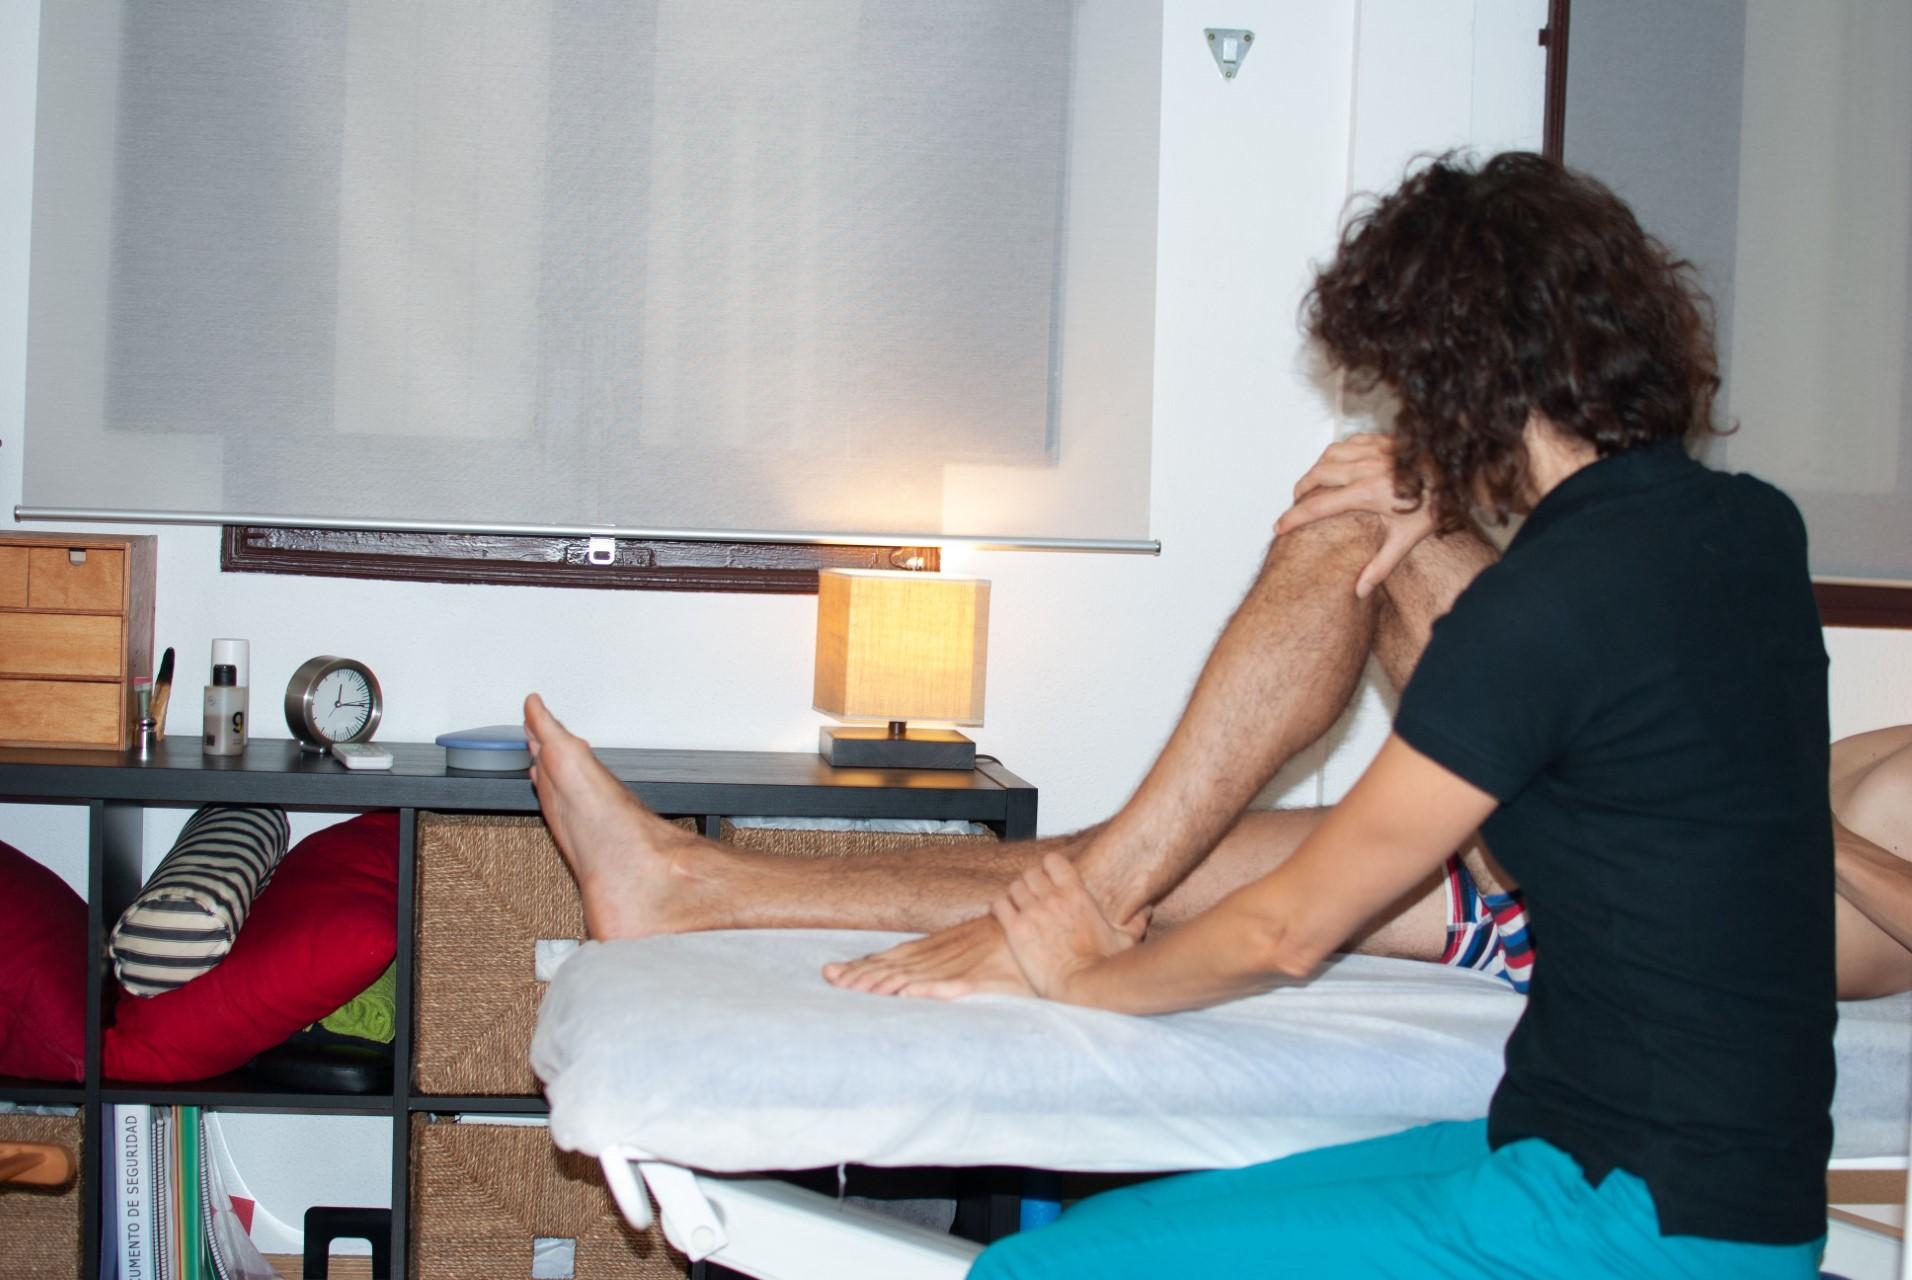 Tratamiento de Osteopatía - osteofisiogds.com